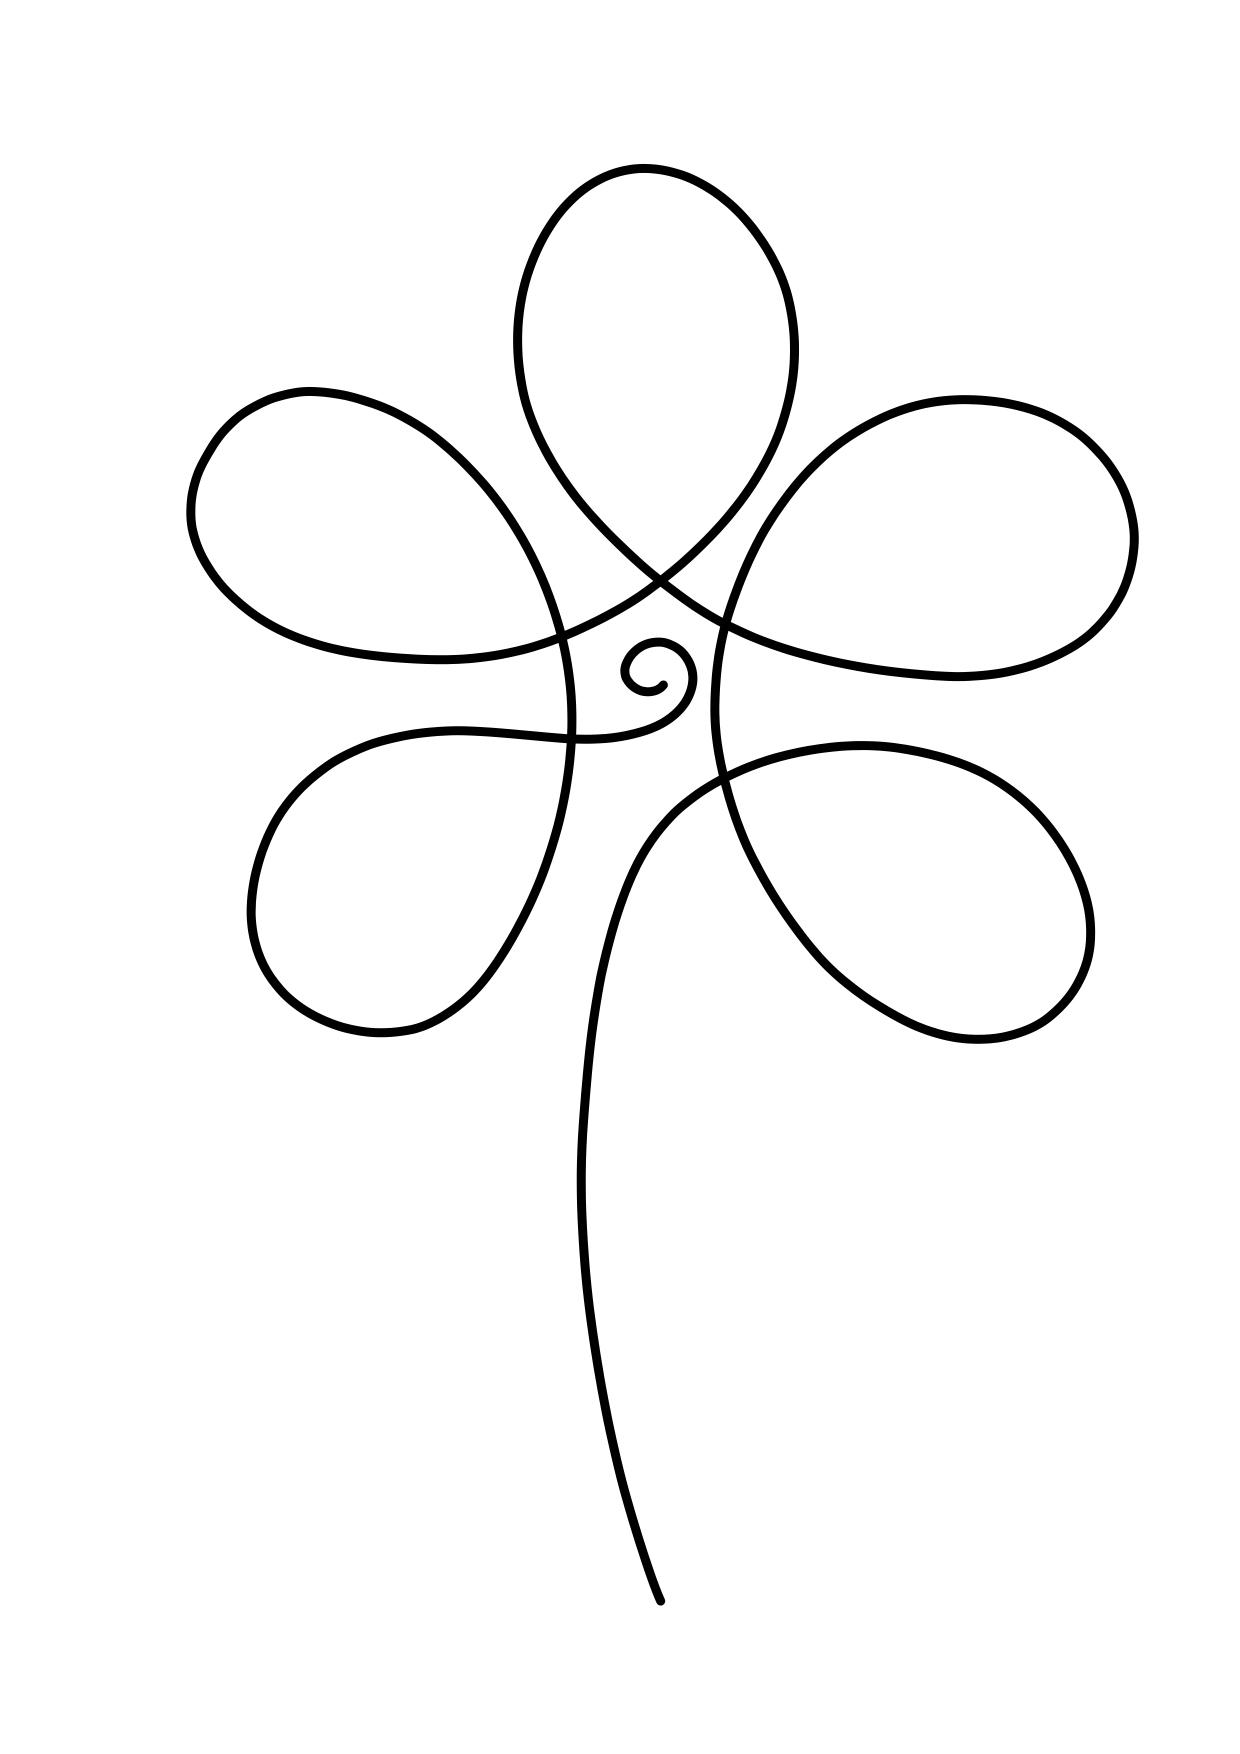 jednotažka - grafomotorické cvičení